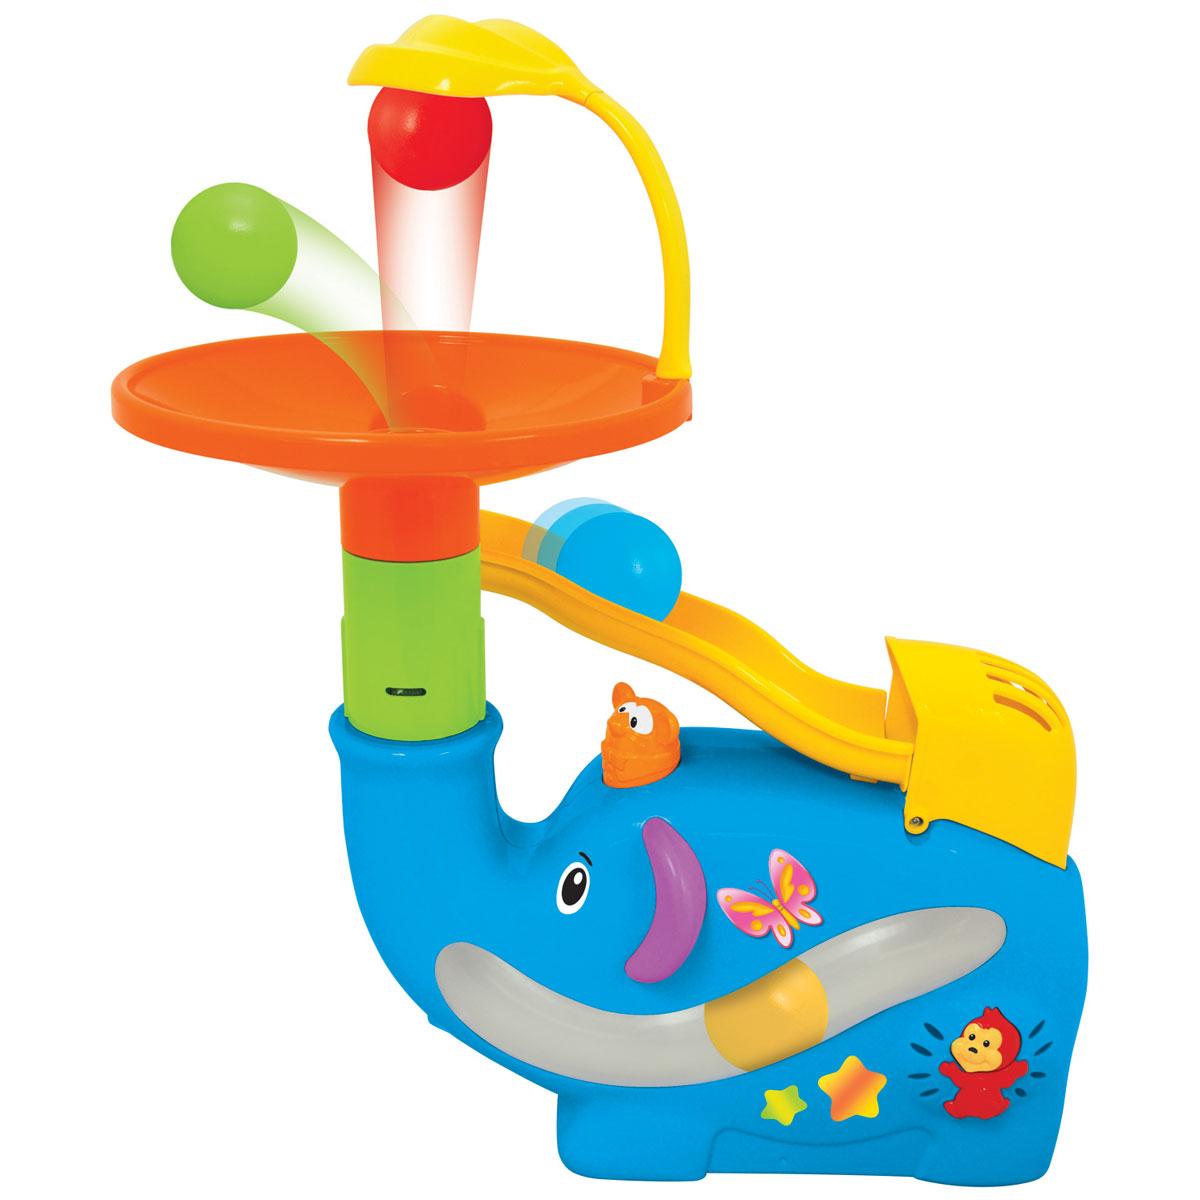 Kiddieland Развивающая игрушка Забавный слон с шарамиKID 049460Развивающая игрушка Kiddieland Забавный слон с шарами обязательно порадует малыша. Слон выдувает шарики в тарелку, из которой они скатываются по желобу и вновь попадают внутрь слона. Игрушка способствует развитию координации движений, ловкости, внимания и воображения. Рекомендуемый возраст: от 18 месяцев. Питание: 4 батарейки типа AА (входят в комплект).